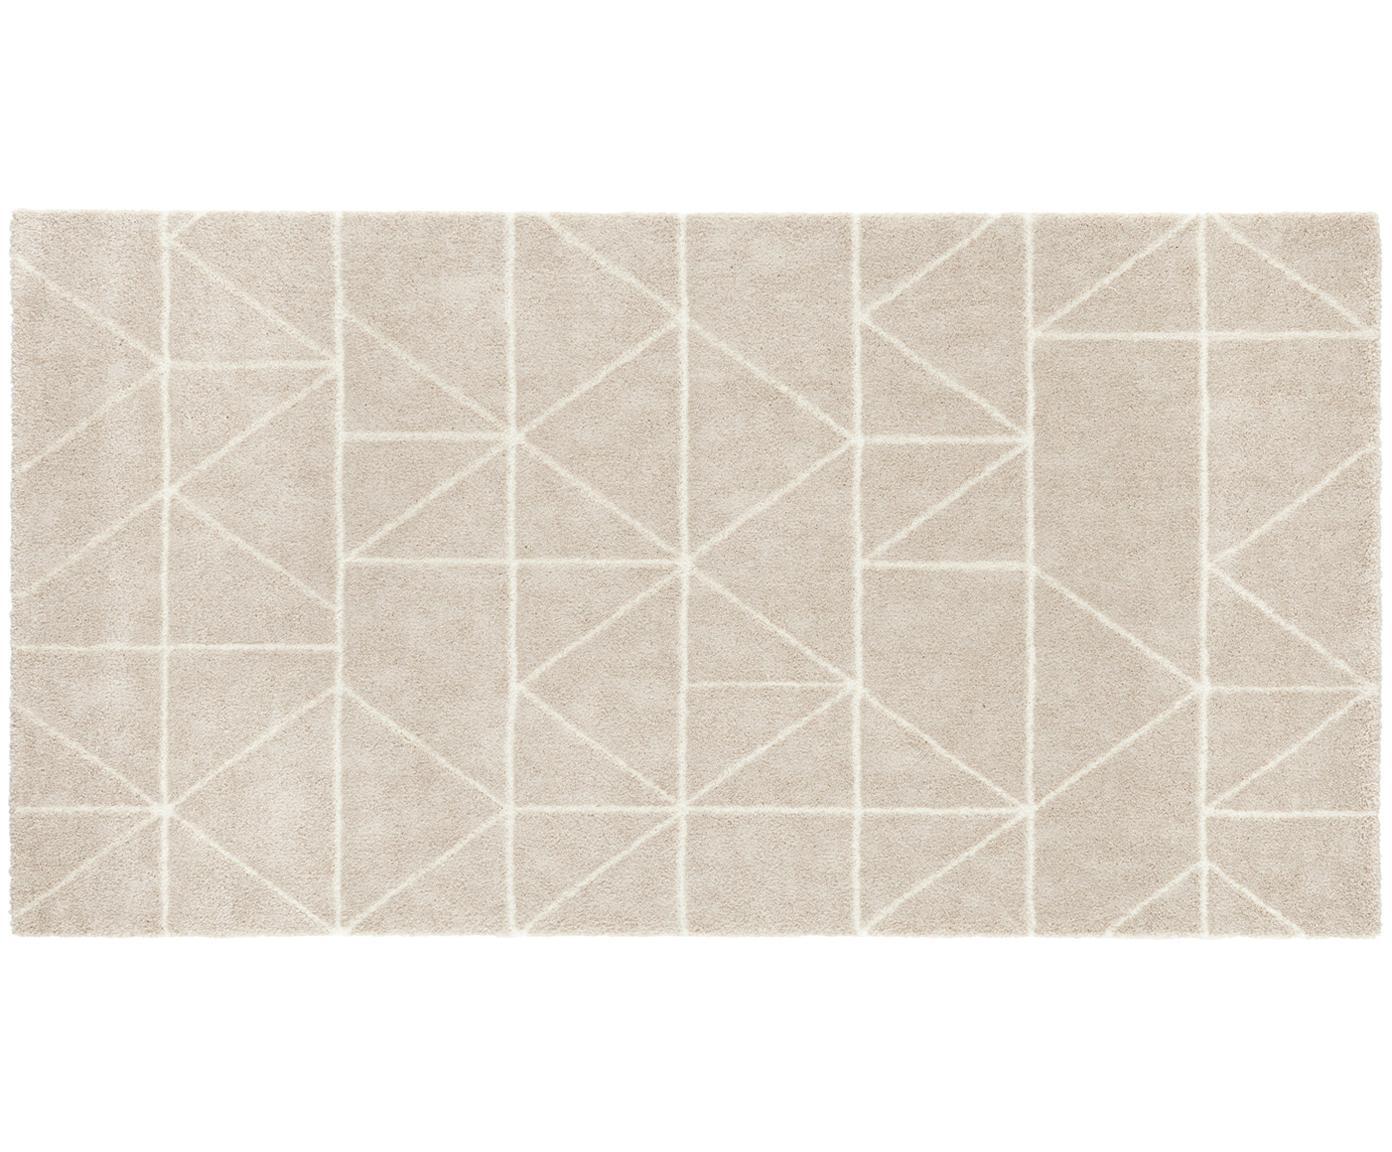 Teppich Arles in Beige-Creme, mit grafischem Muster, Flor: 85% Polypropylen, 15% Pol, Beige, Creme, B 80 x L 150 cm (Größe XS)